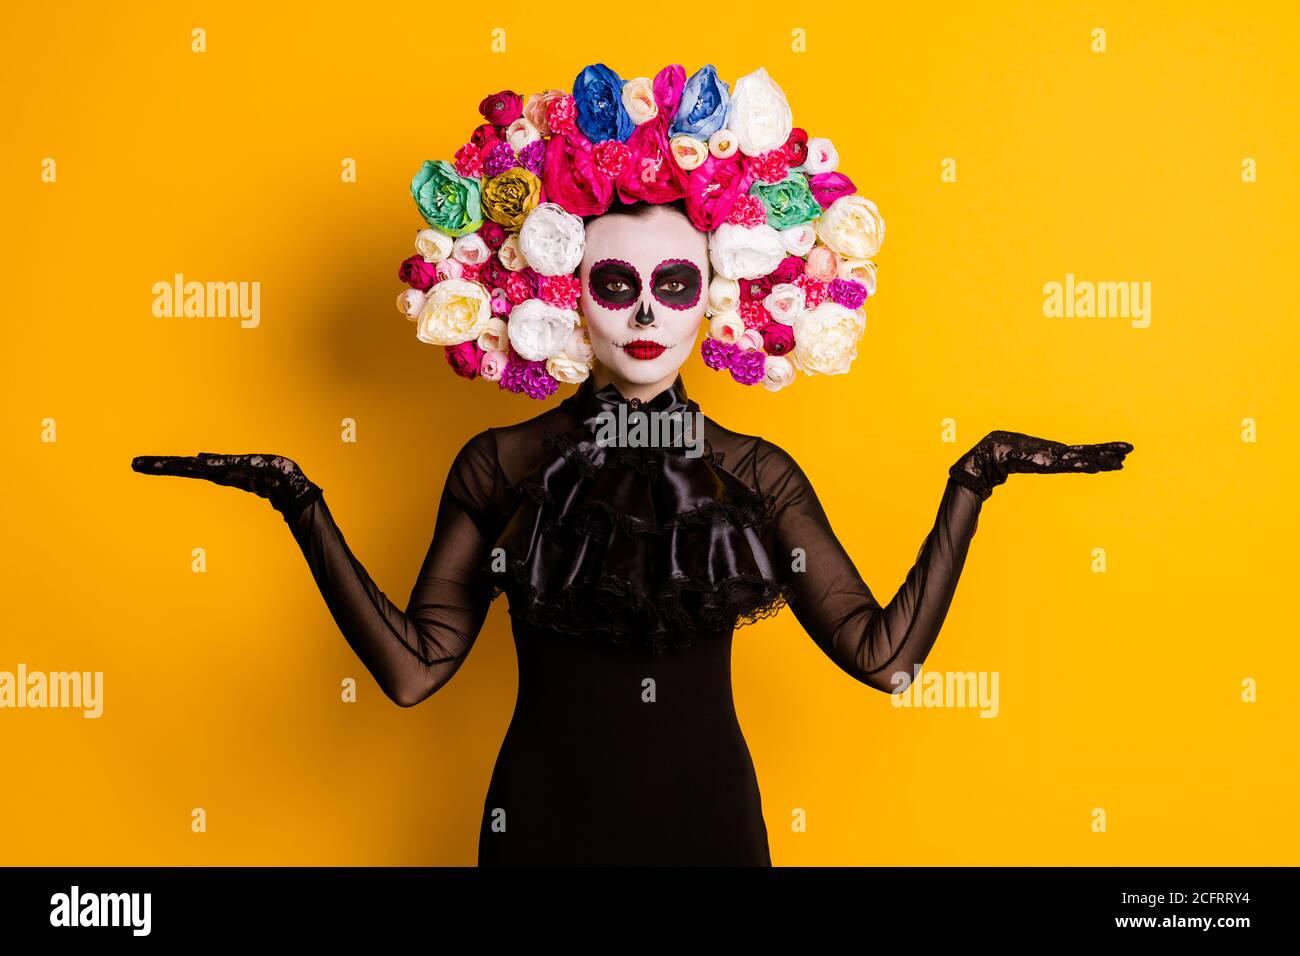 Foto di simpatica giovane signora paurosa guardare le mani tenere spazio vuoto proporre speciali oggetti tradizionali indossare abito nero morte rose in costume di carnevale Foto Stock